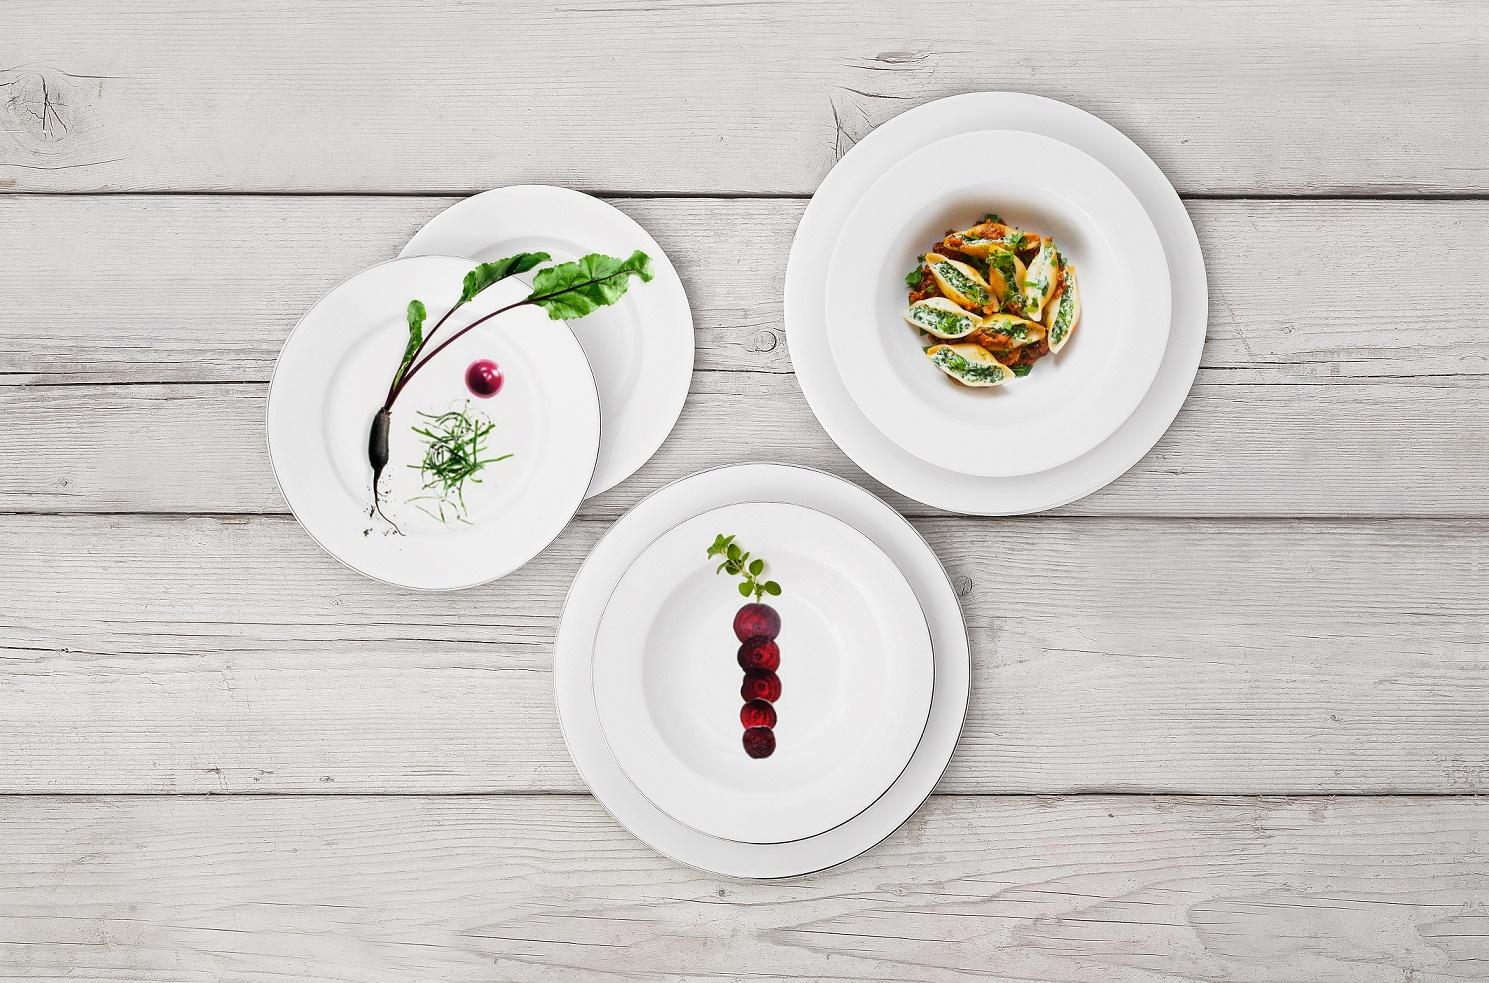 Servizio piatti 12 pezzi l abitare fiesole newformsdesign piatti e servizio piatti - Servizio piatti design ...